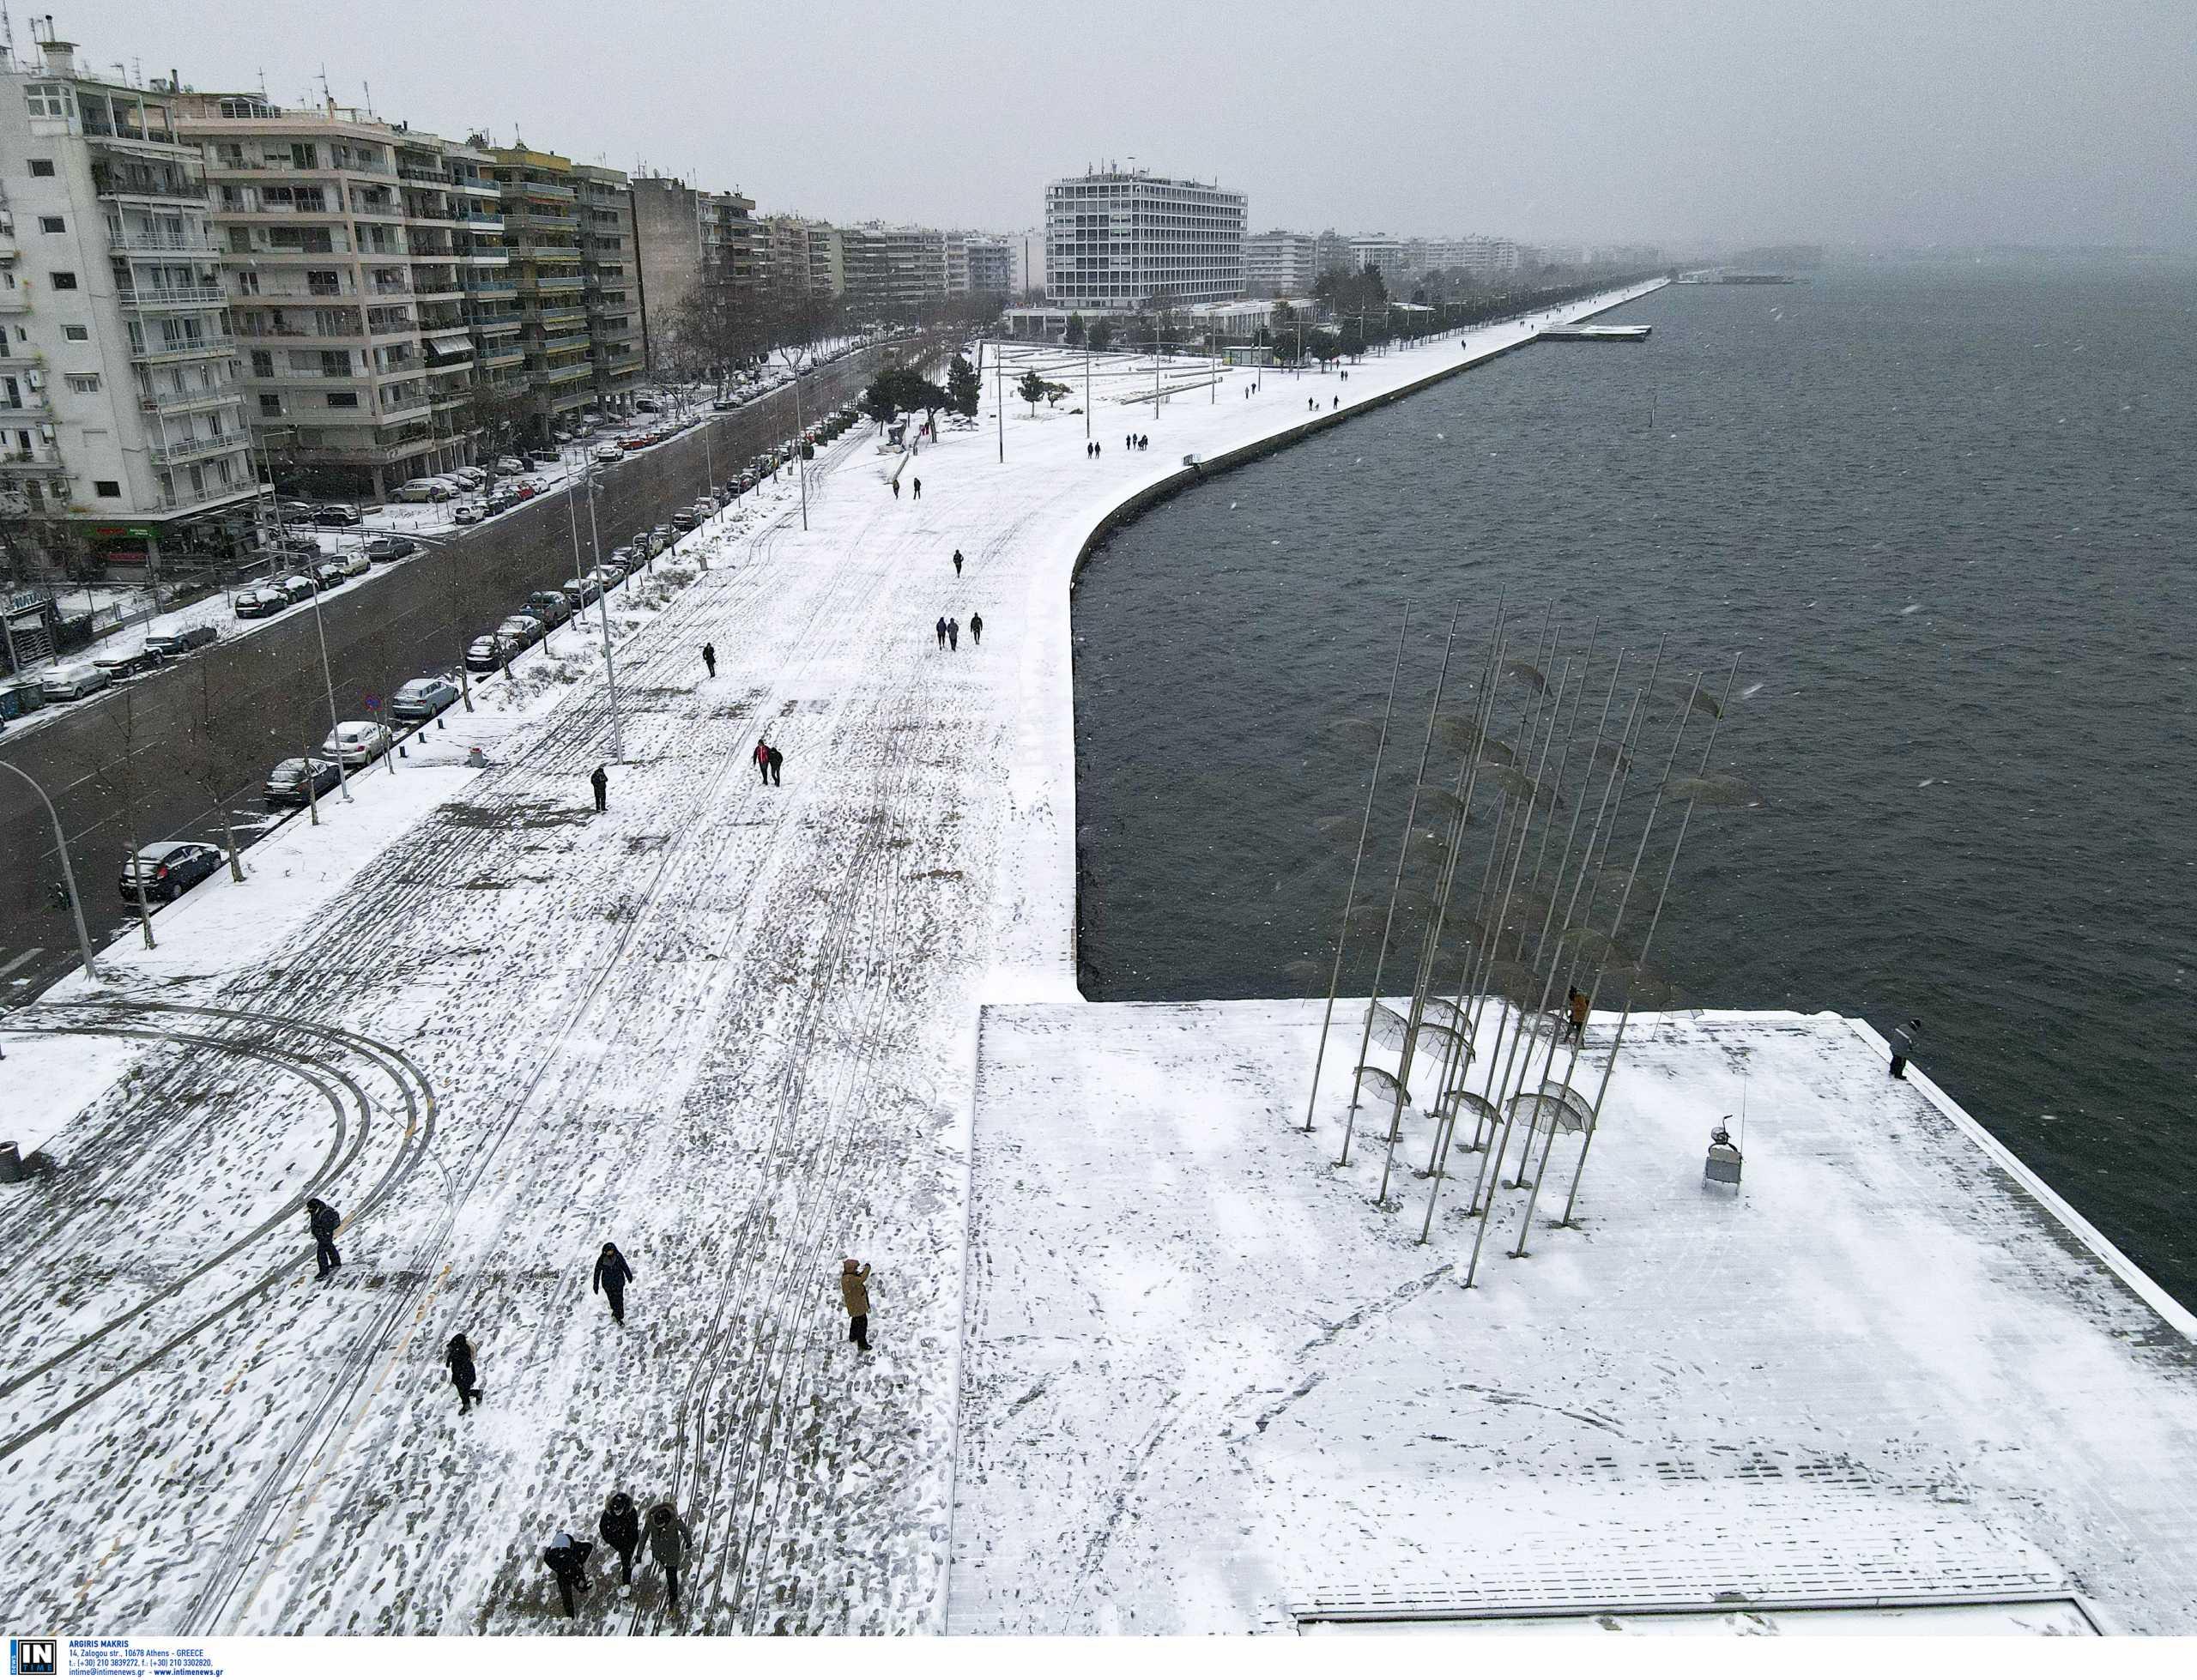 Καιρός – Θεσσαλονίκη: Απολαυστική βόλτα με drone – Μοναδικά στιγμιότυπα στην πλατεία Αριστοτέλους (video, pics)